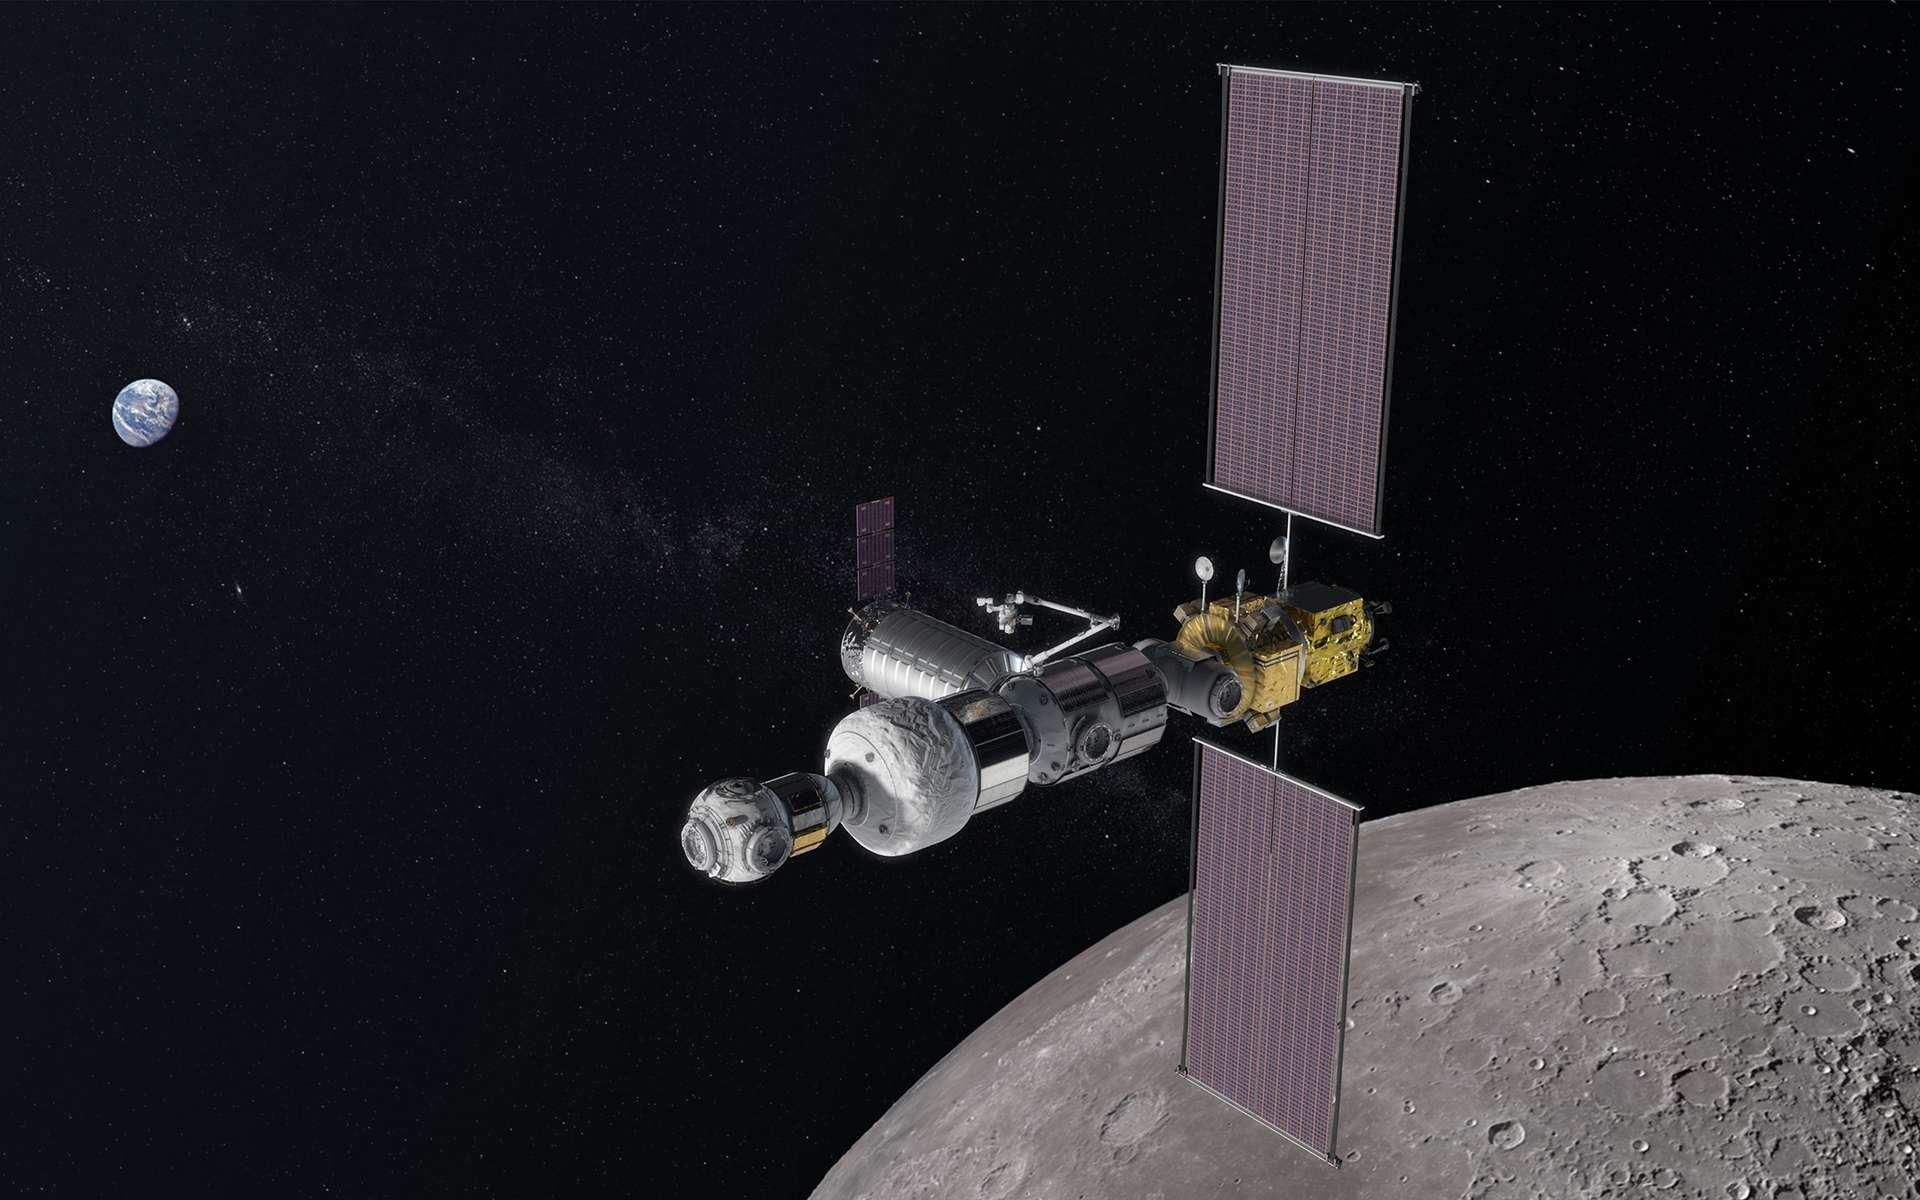 50 ans après Apollo, la Nasa se prépare à retourner sur la Lune, pour y rester cette-fois-ci, et en associant des partenaires internationaux et commerciaux. © Nasa